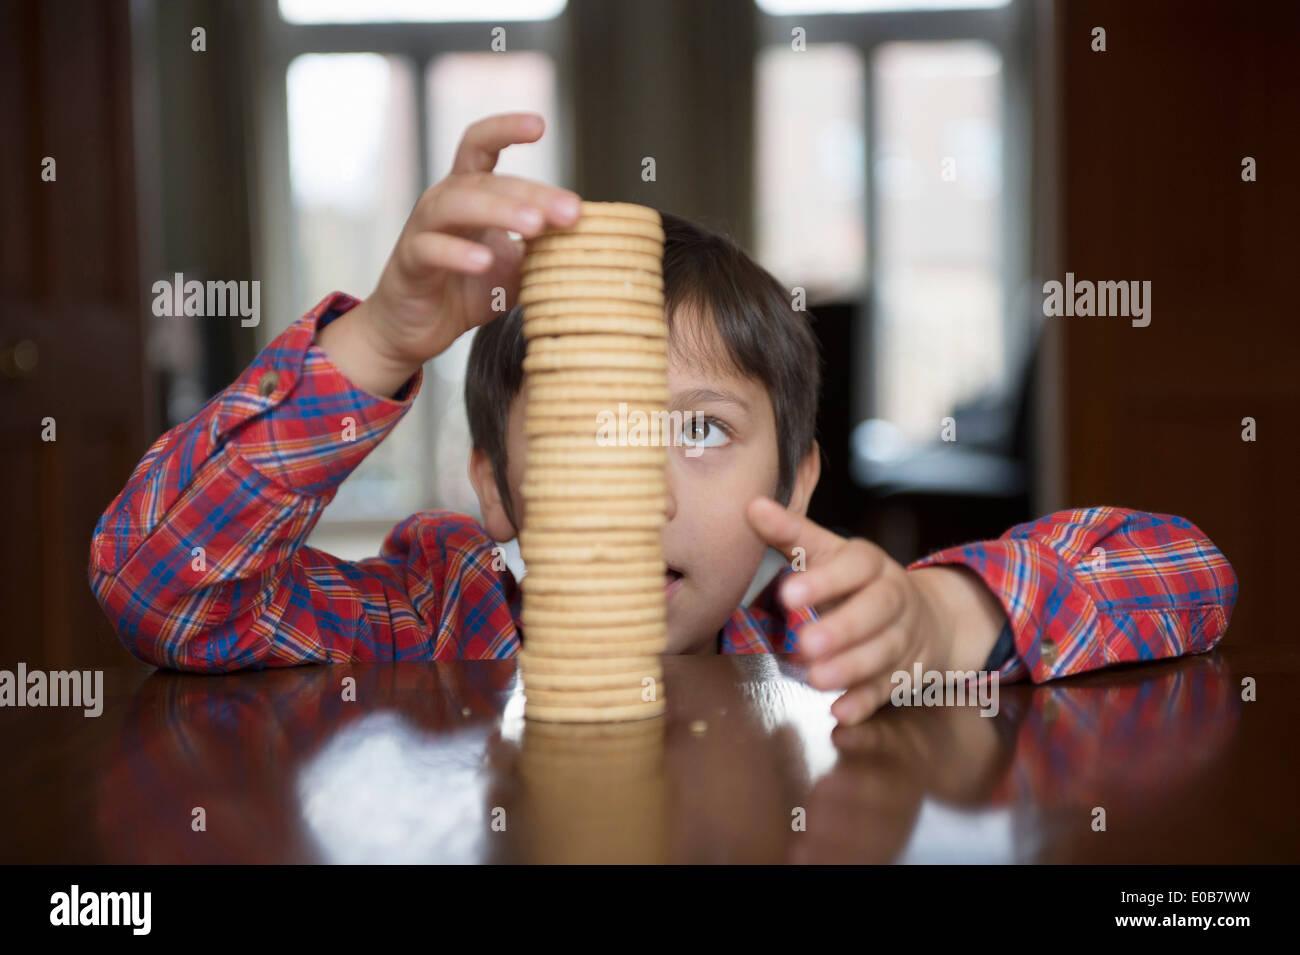 Junge Stapeln Kekse Stockbild